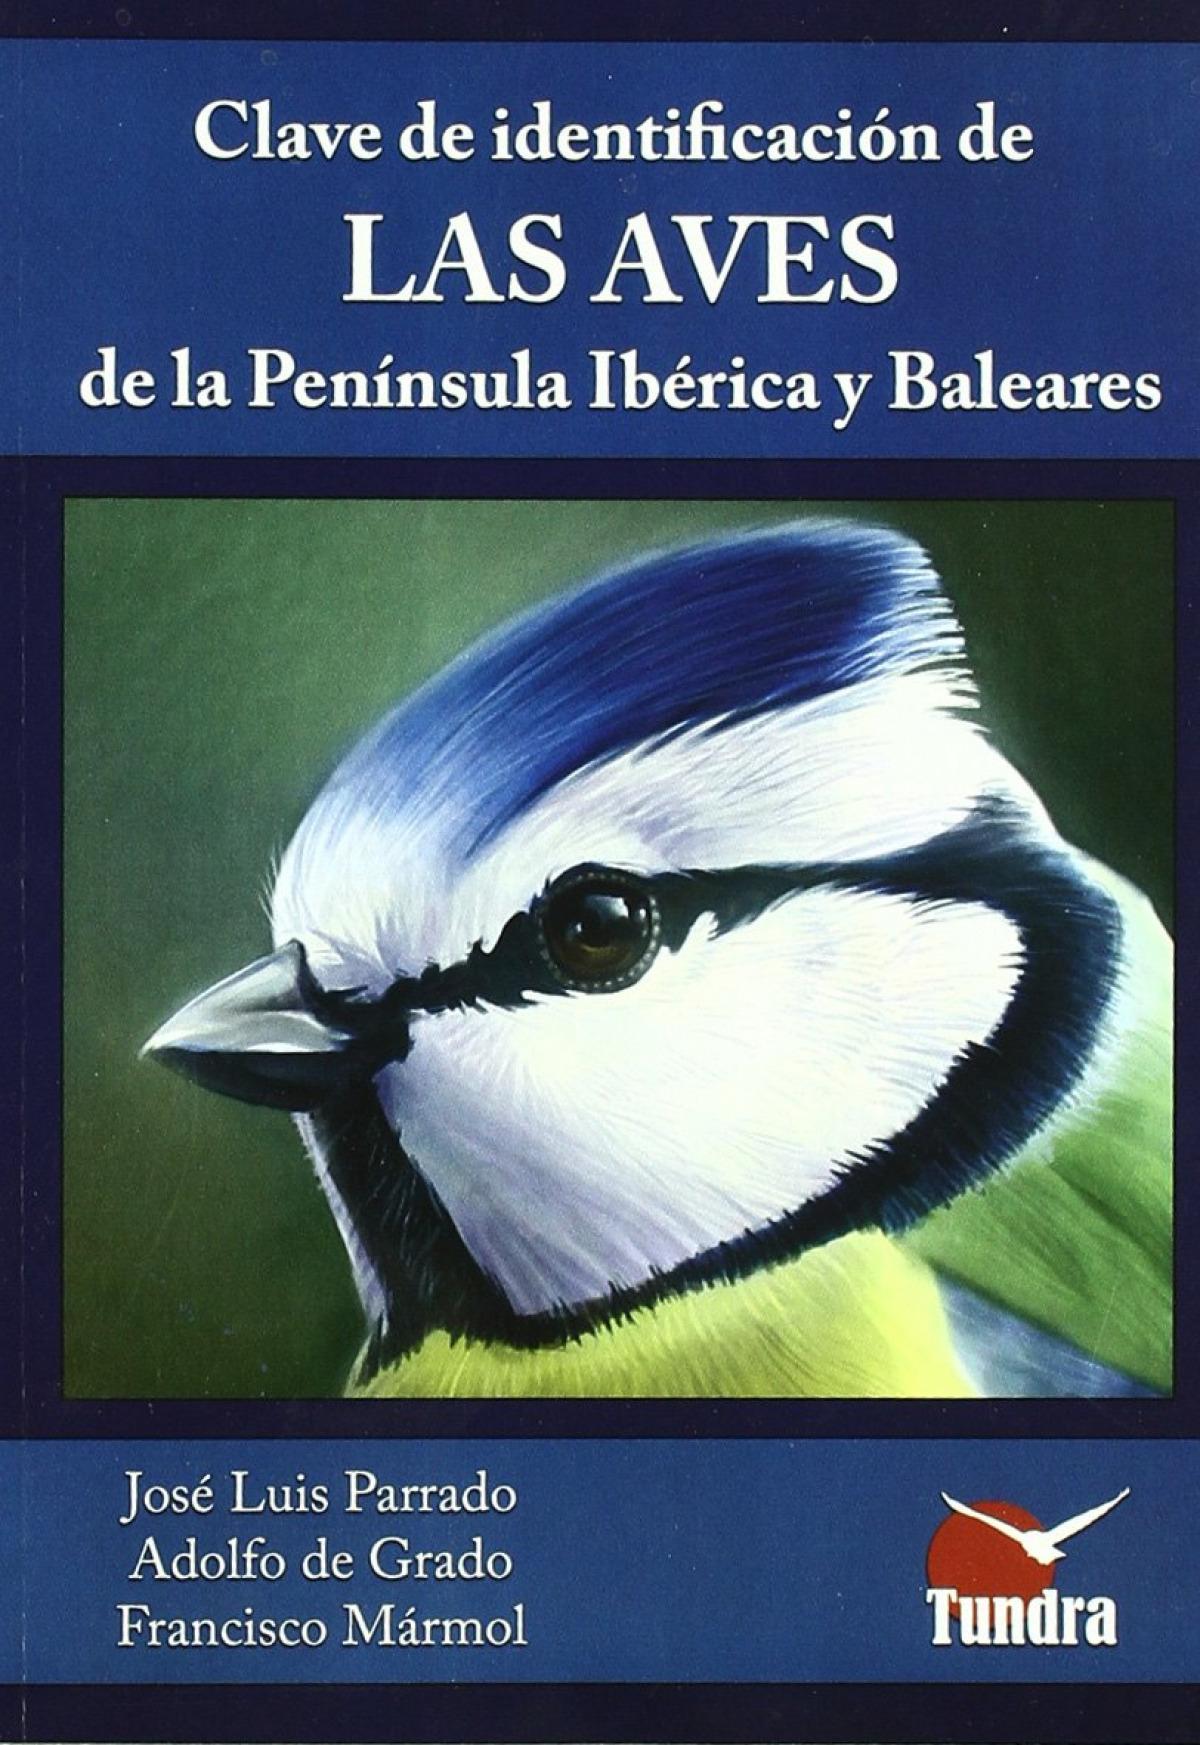 La clave identificación aves Peninsula Ibérica 9788461334261